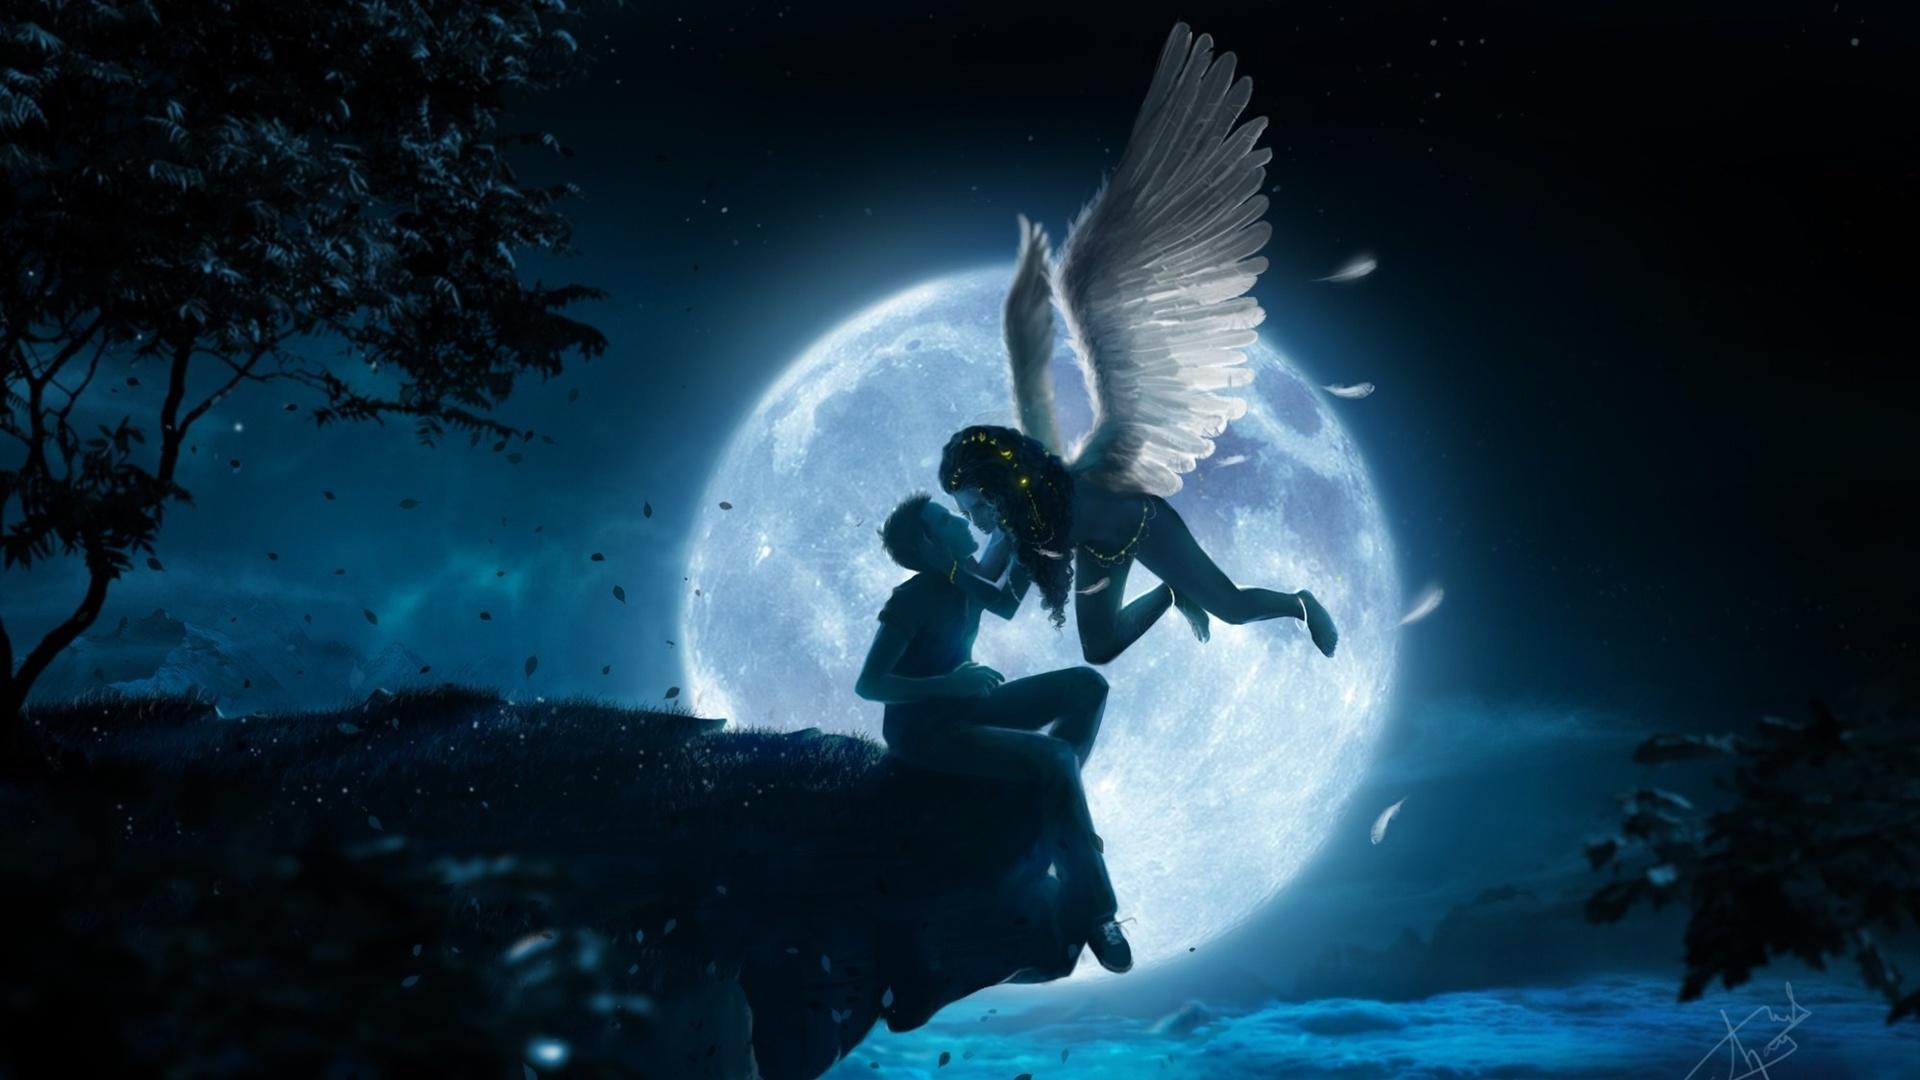 крылья ночи картинки ручки логотипом